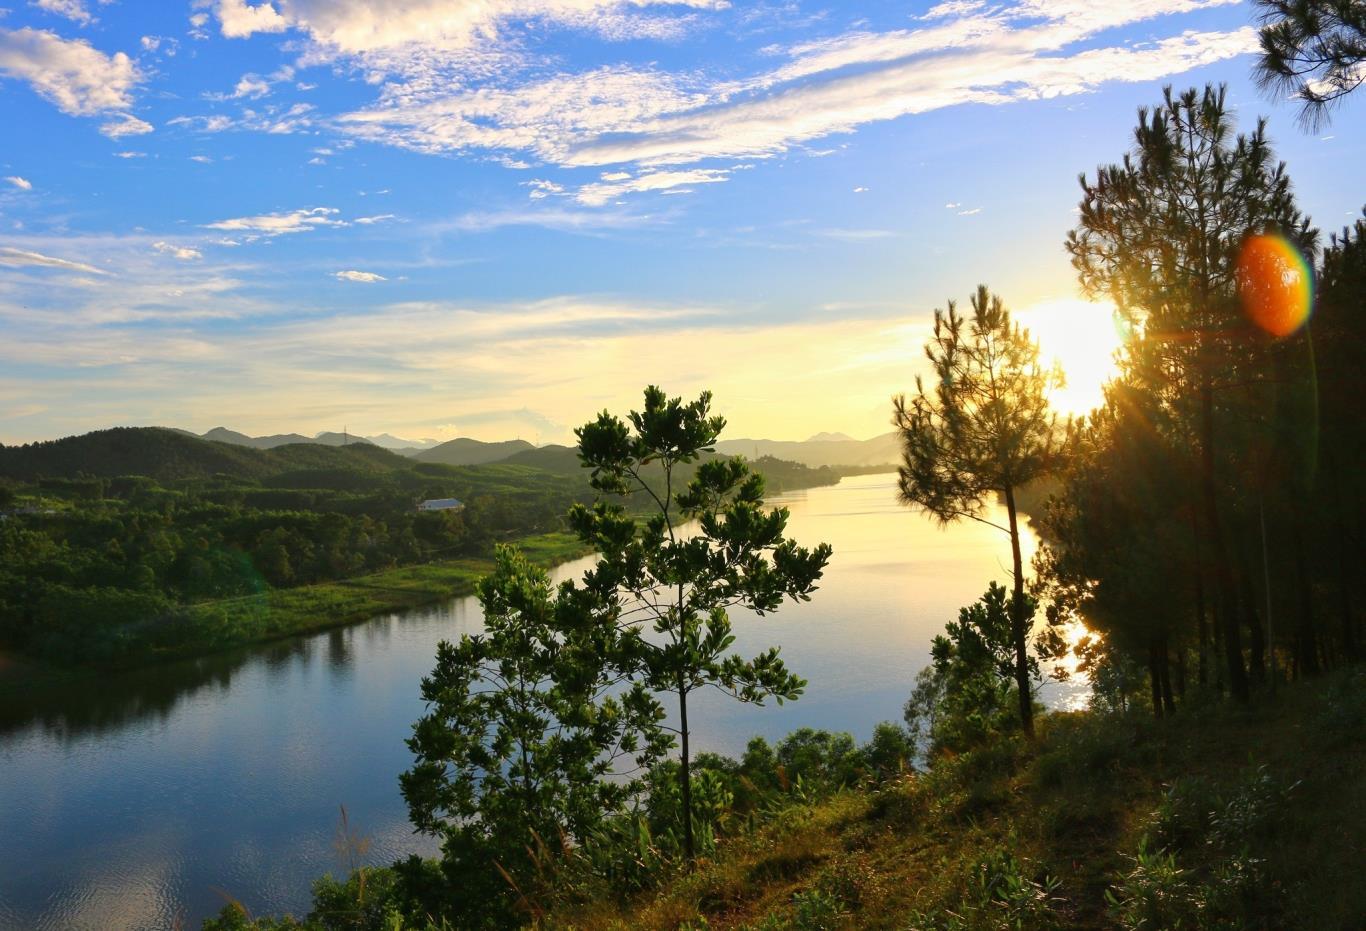 Đồi Vọng Cảnh – Ngắm trọn vẻ đẹp xứ Huế